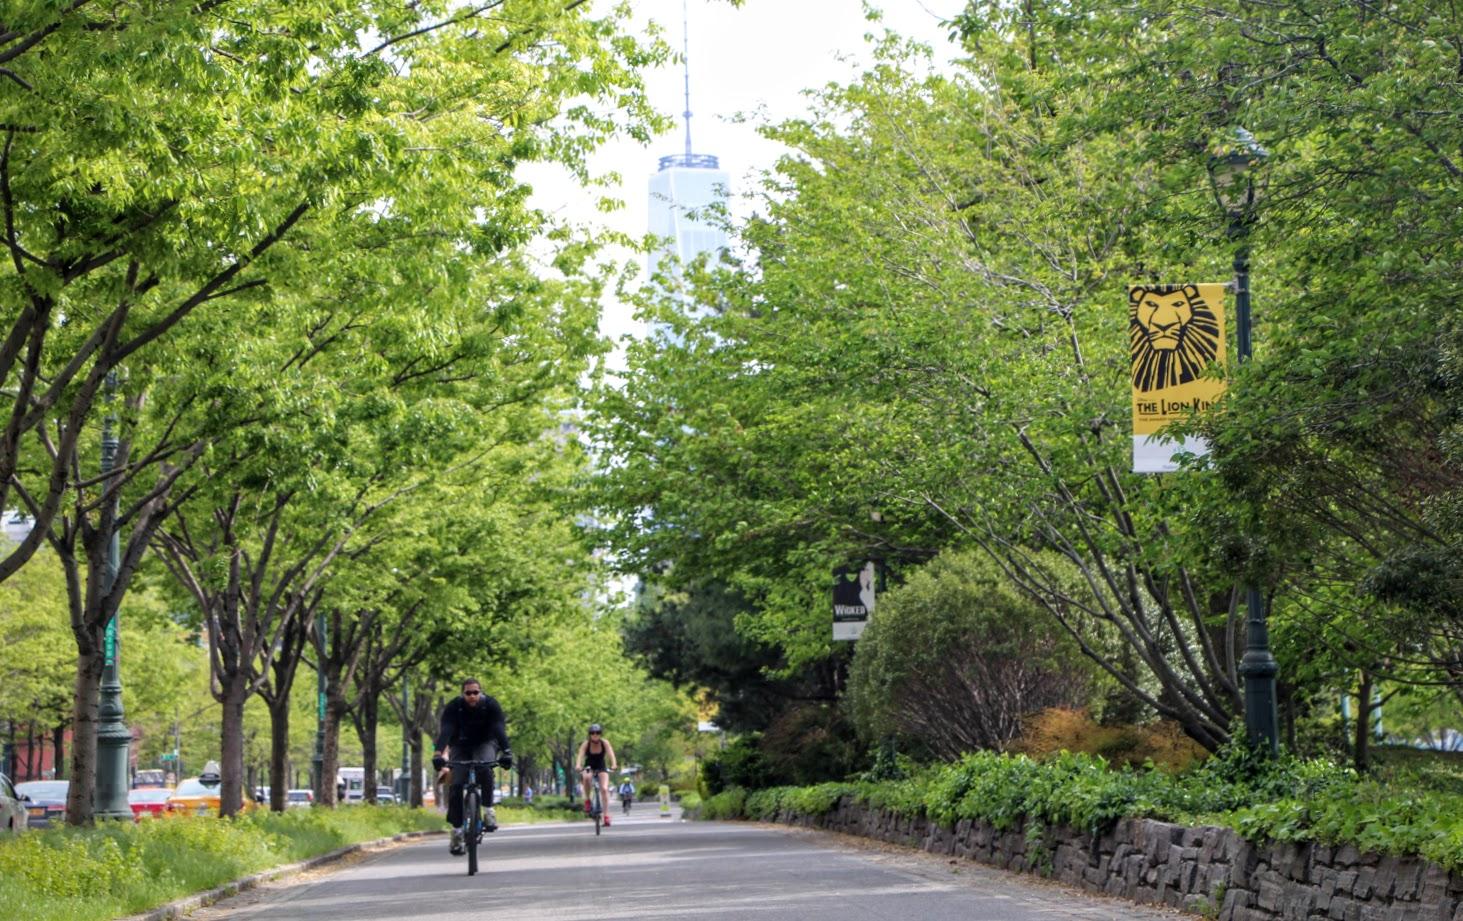 Hudson River Greenway: Manhattan's Best Waterfront Bike Trail